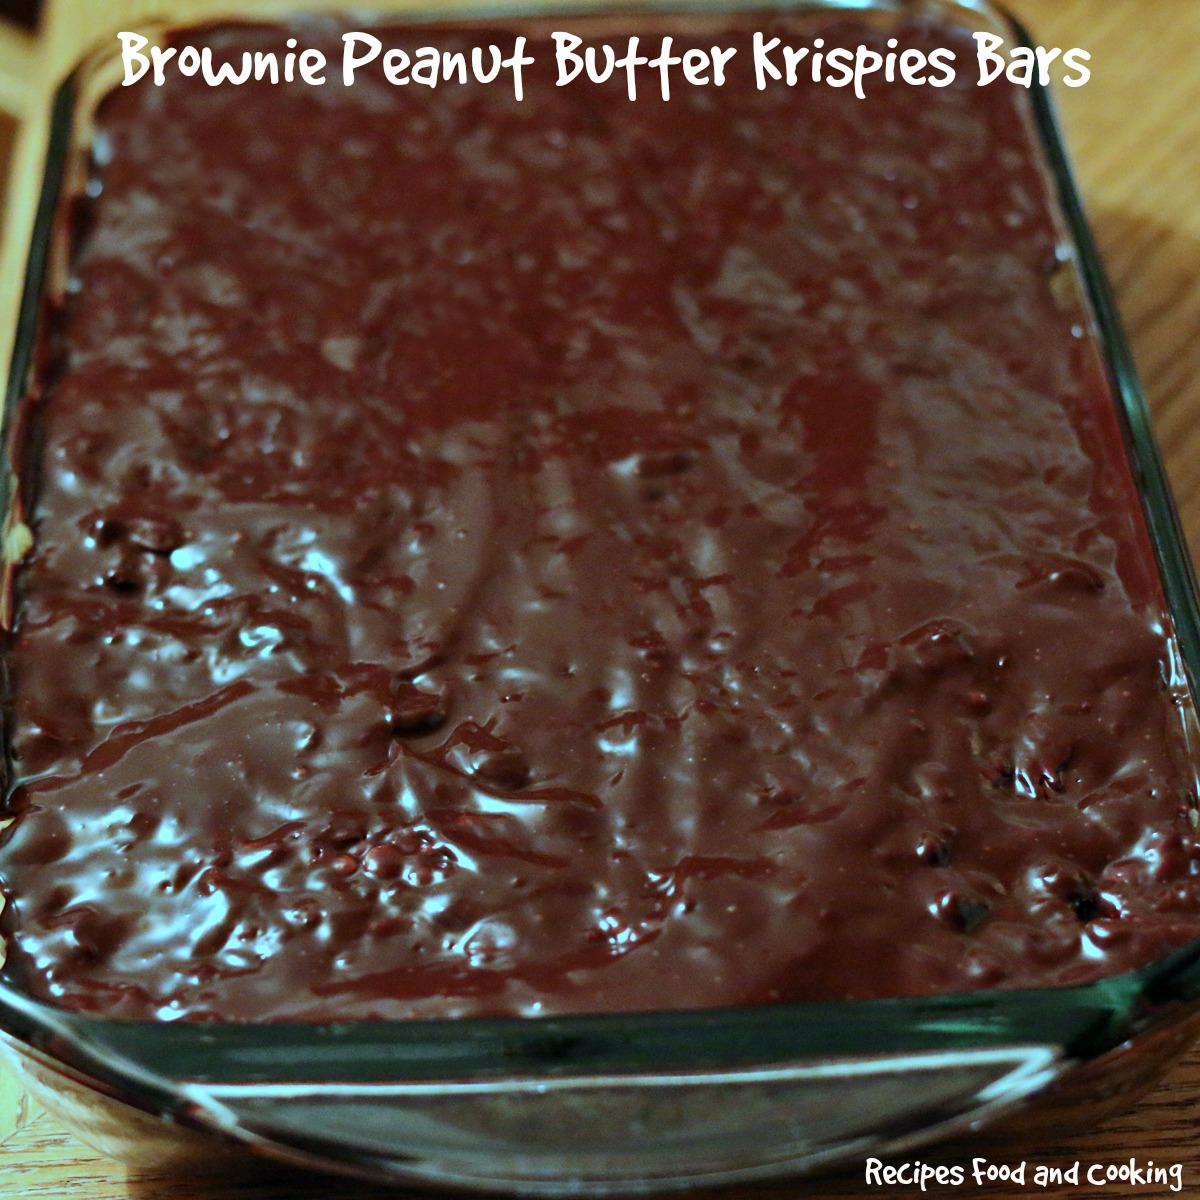 Brownie Peanut Butter Krispies Bars